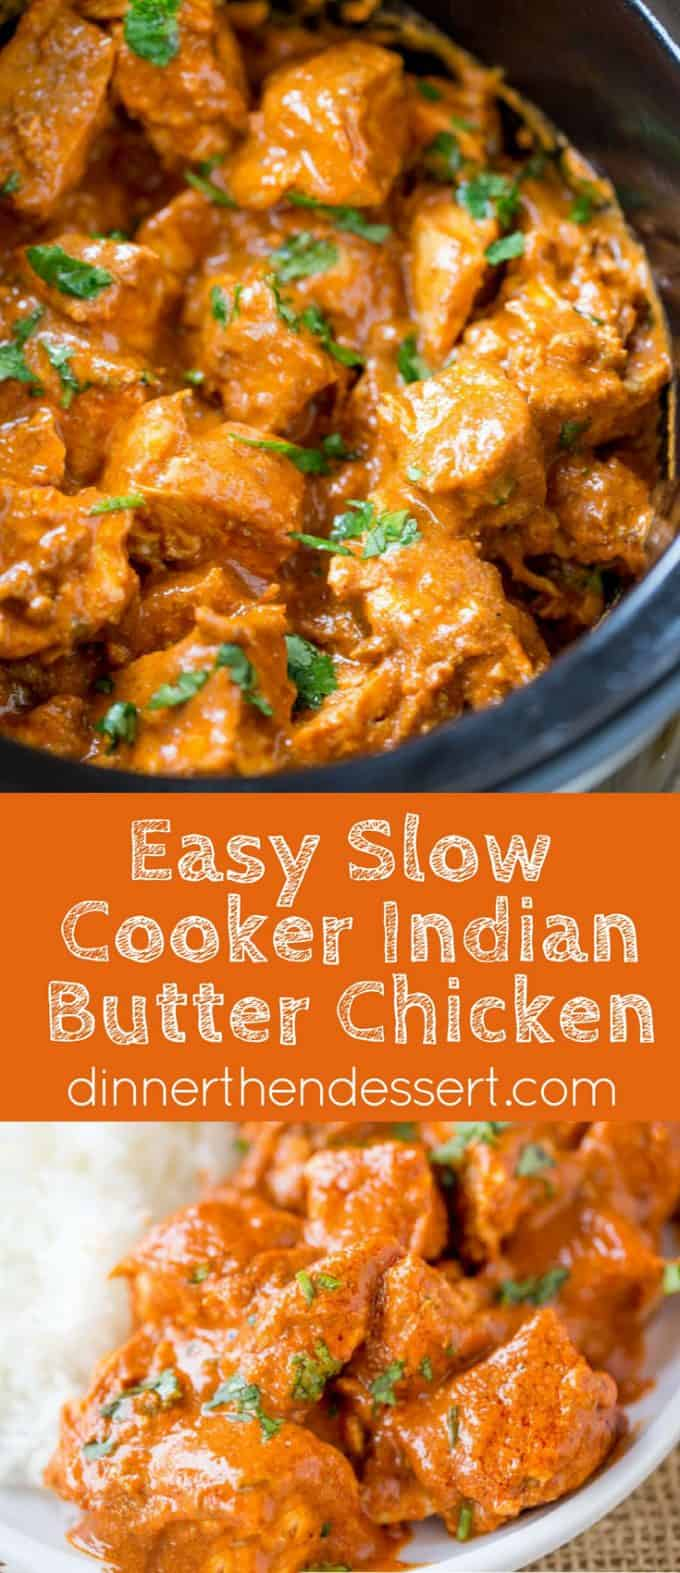 Slow Cooker Indian Butter Chicken Recipe - Dinner Then Dessert